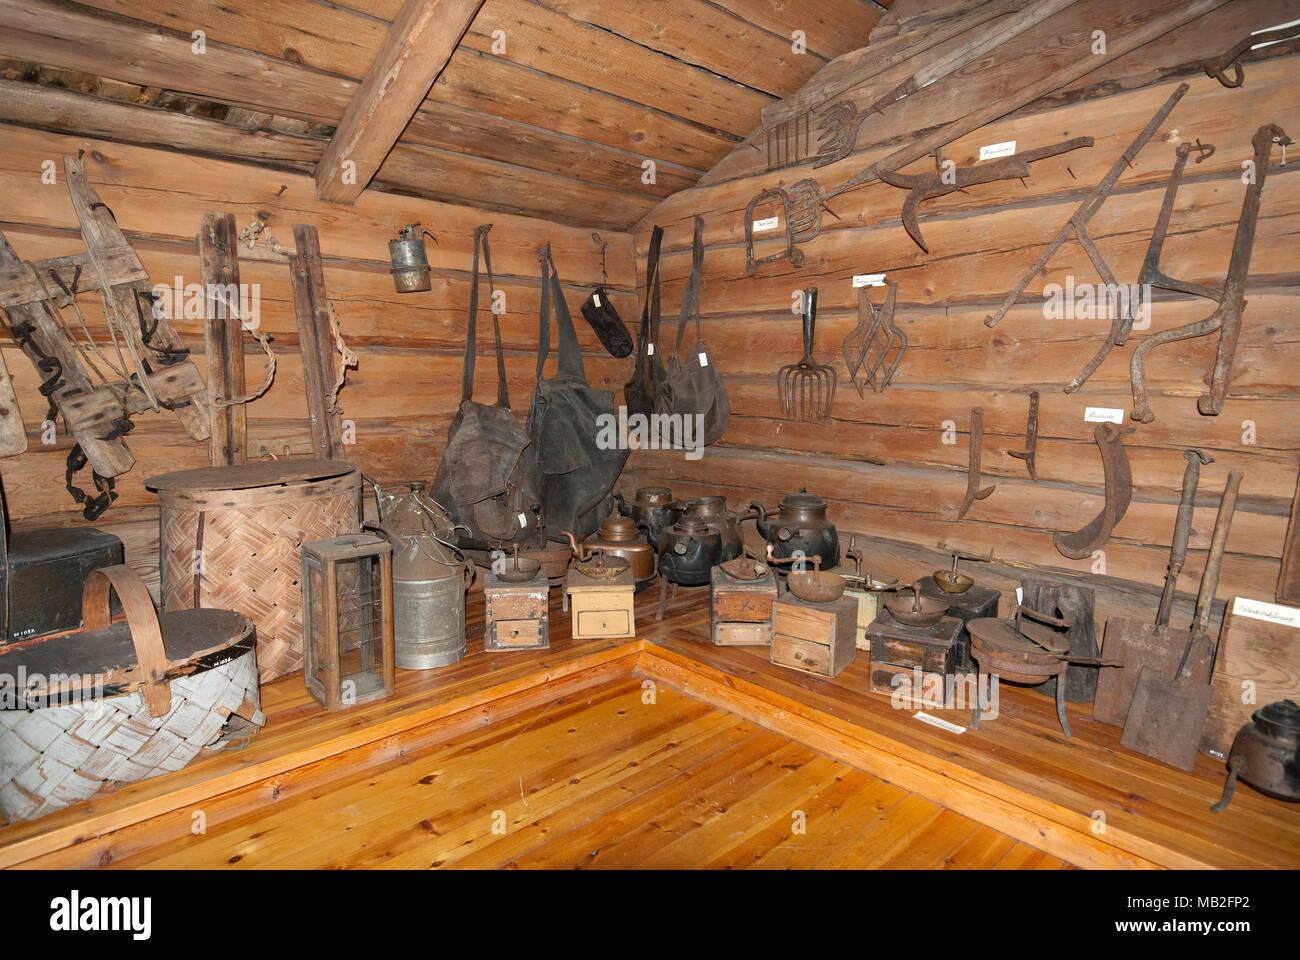 Martingarden Museum, Overkalix, Norrbotten County, Sweden - Stock Image